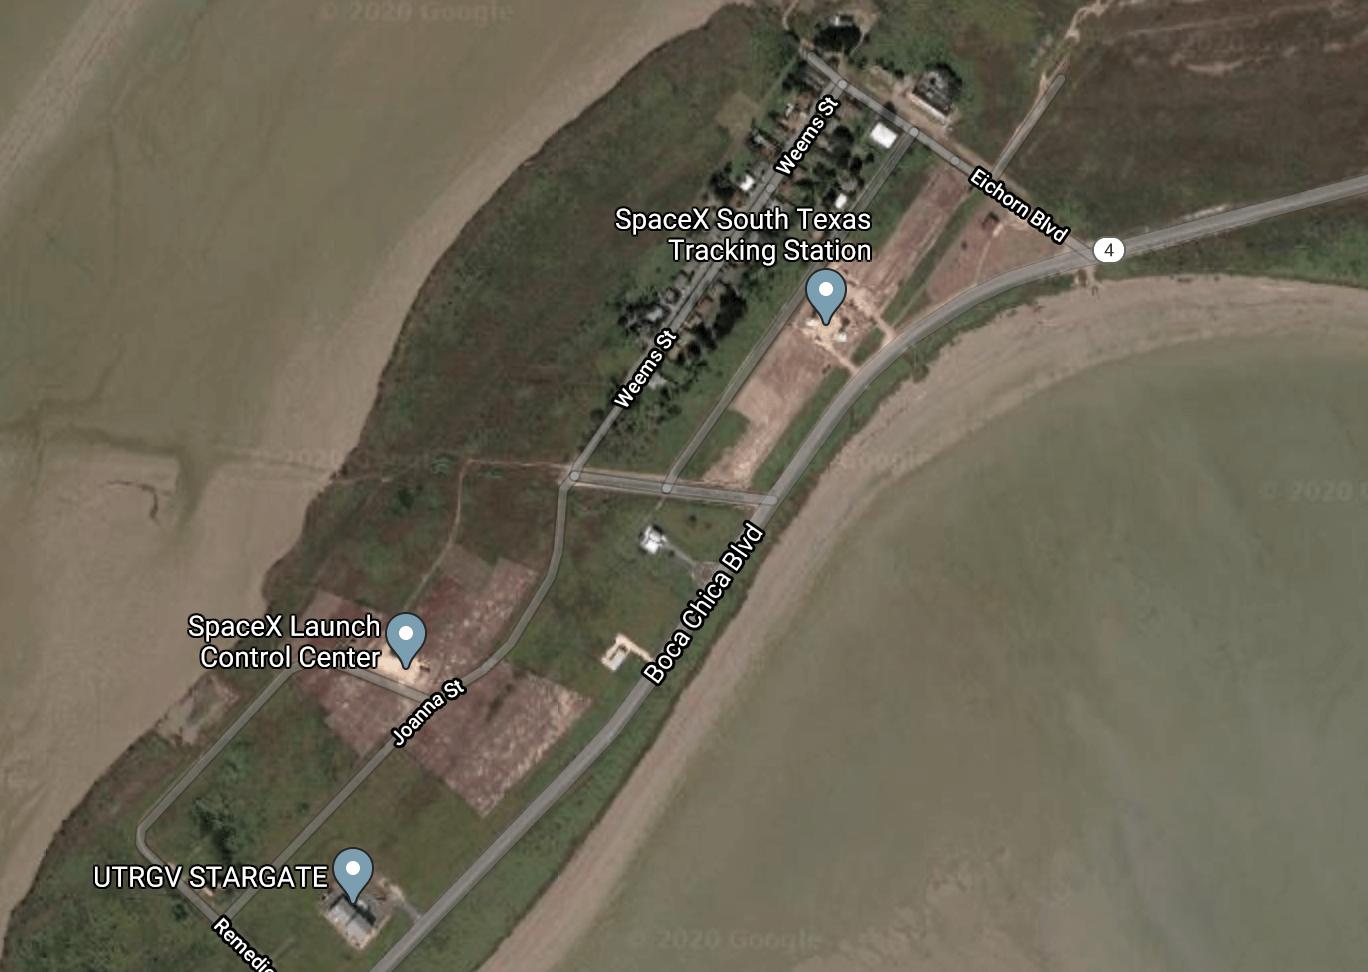 Рев двигателей и комендантский час: как SpaceX вынудила жителей Техаса продать свои дома